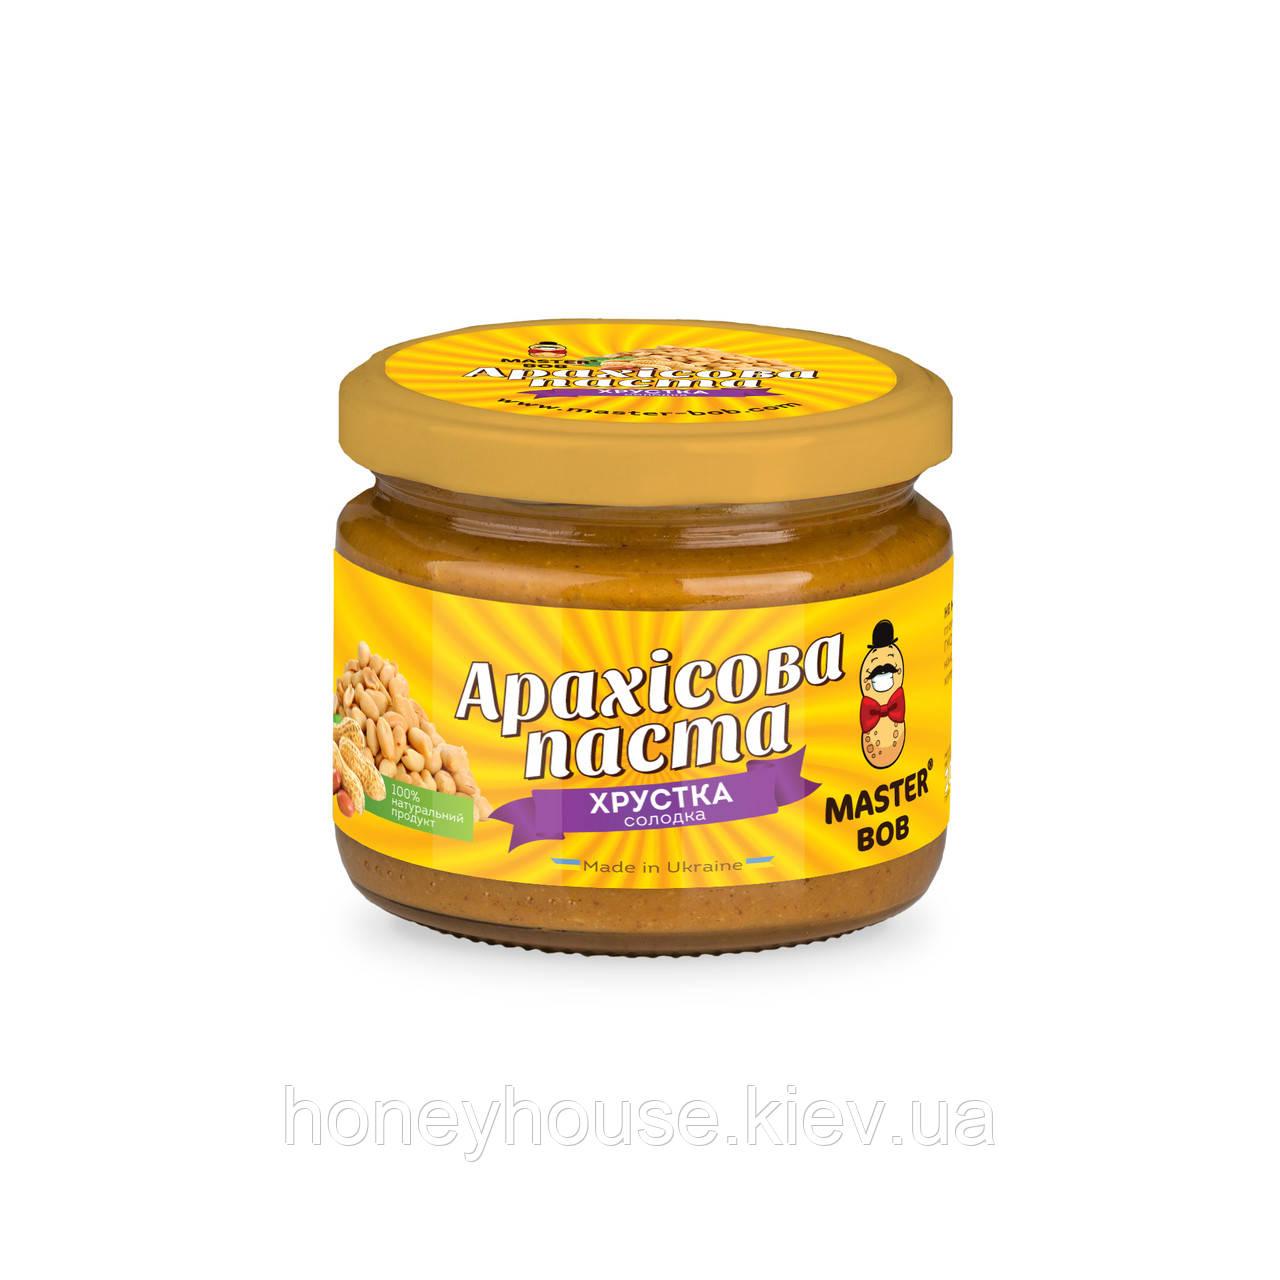 Паста арахисовая  классическая сладкая, хрустящая ТМ Мастер Боб, 200гр